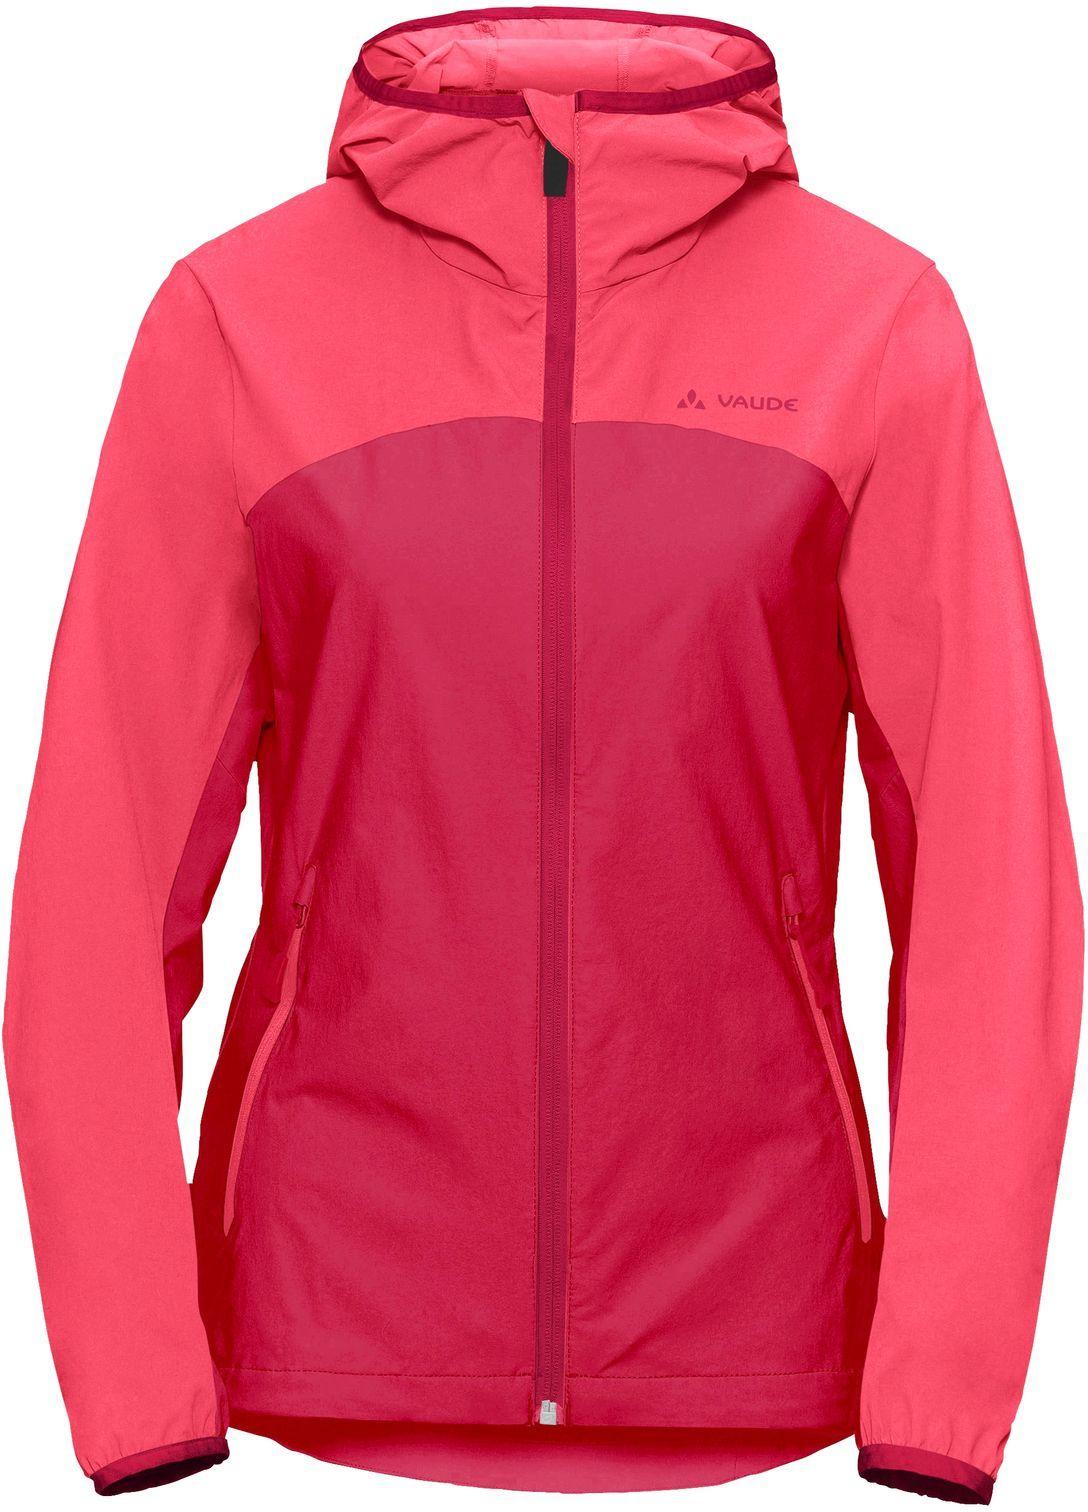 Vaude Women's Moab Jacket III - cranberry S